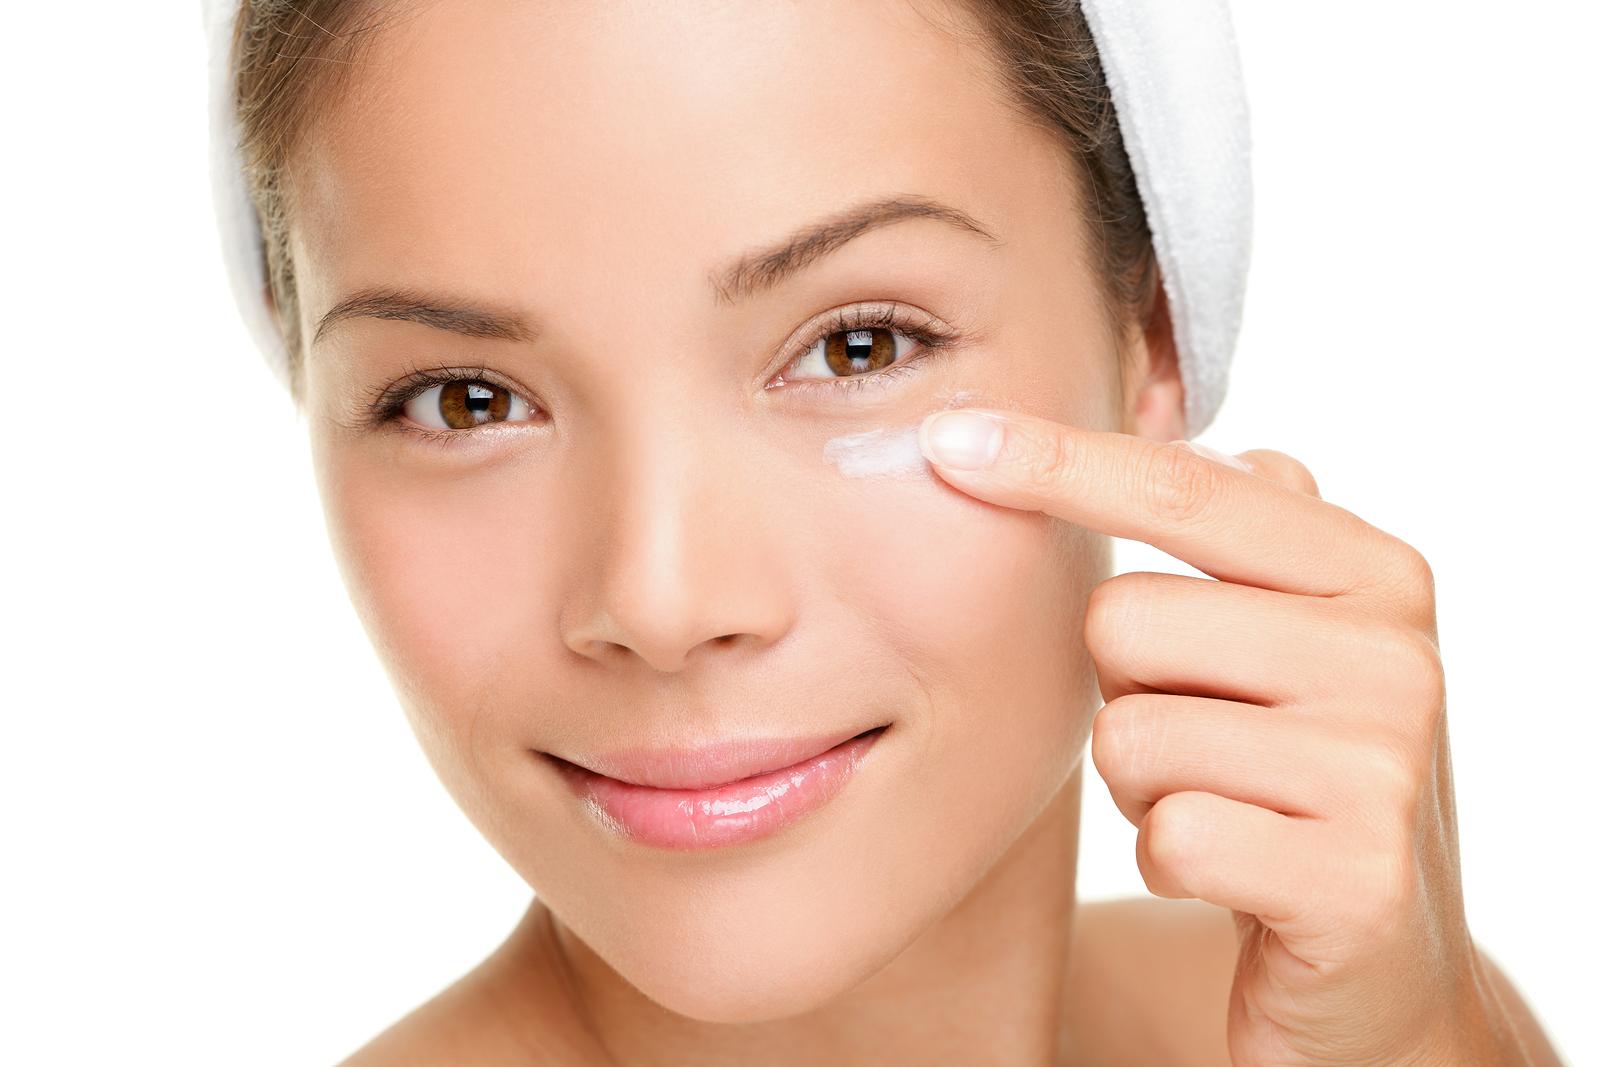 Cách trẻ hóa da vùng mắt an toàn